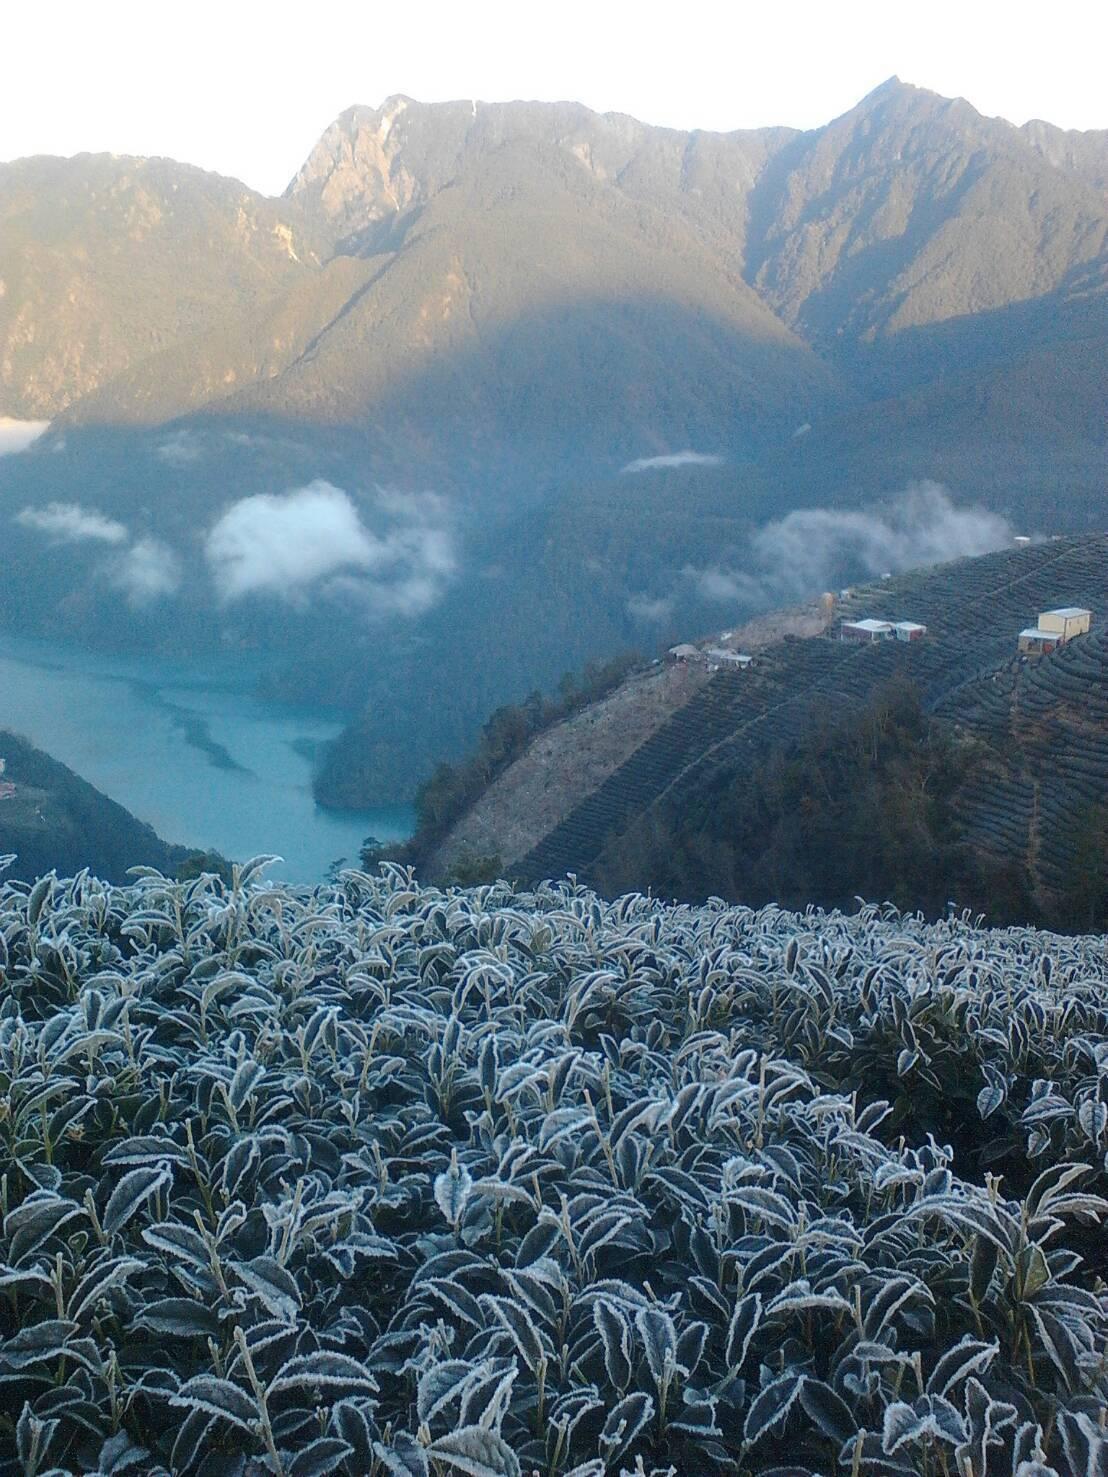 南投縣清境、廬山地區茶園昨天連茶葉上也覆上一白霜,相當罕見。圖/南投縣農業處提供